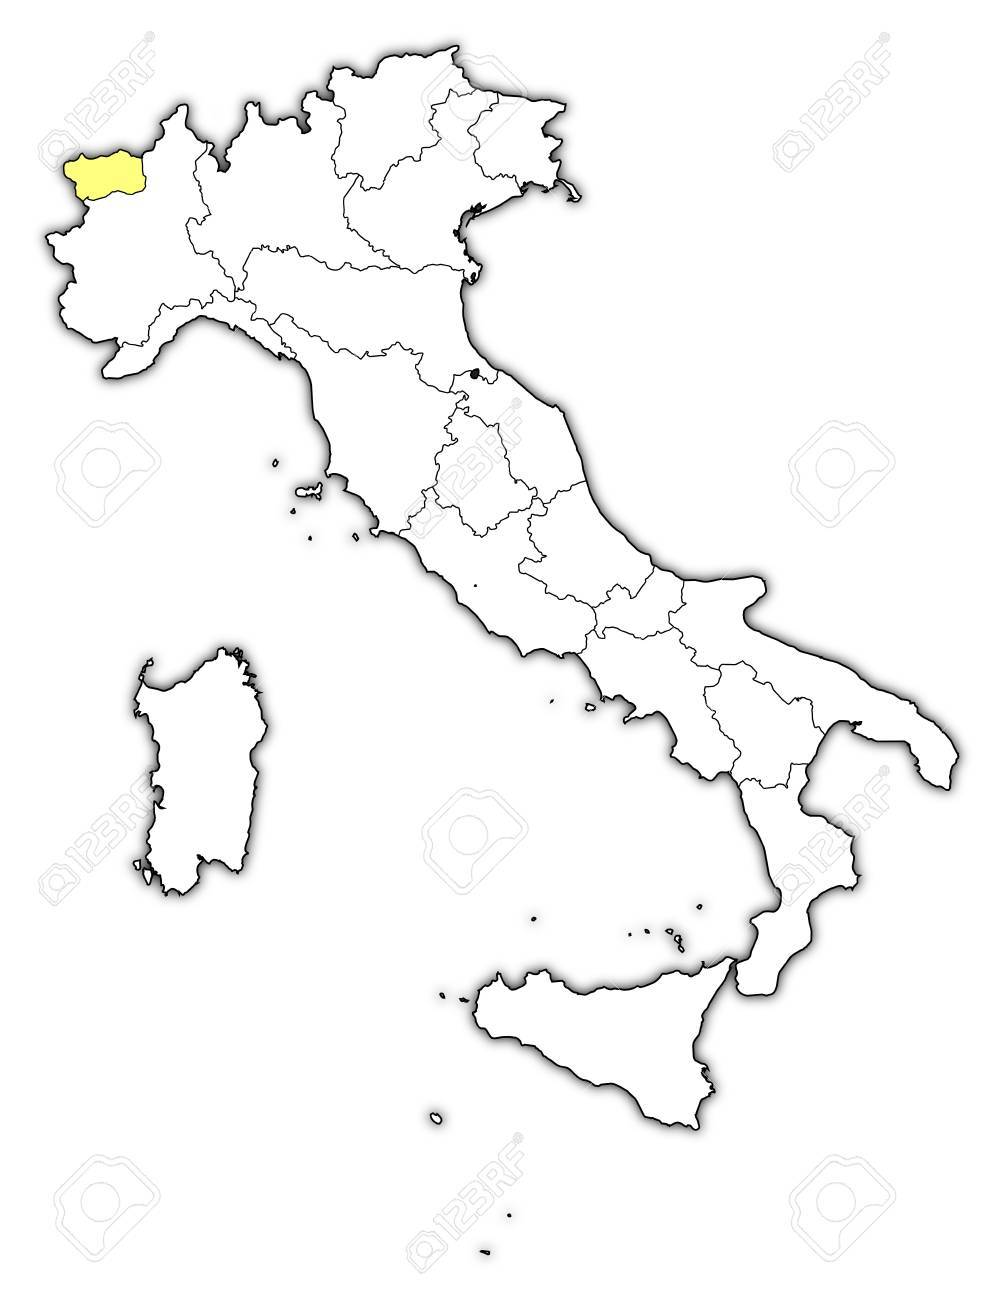 Cartina Valle D Aosta Muta.Vettoriale La Mappa Politica D Italia Con Le Varie Regioni In Cui E Evidenziato Valle D Aosta Image 13912604